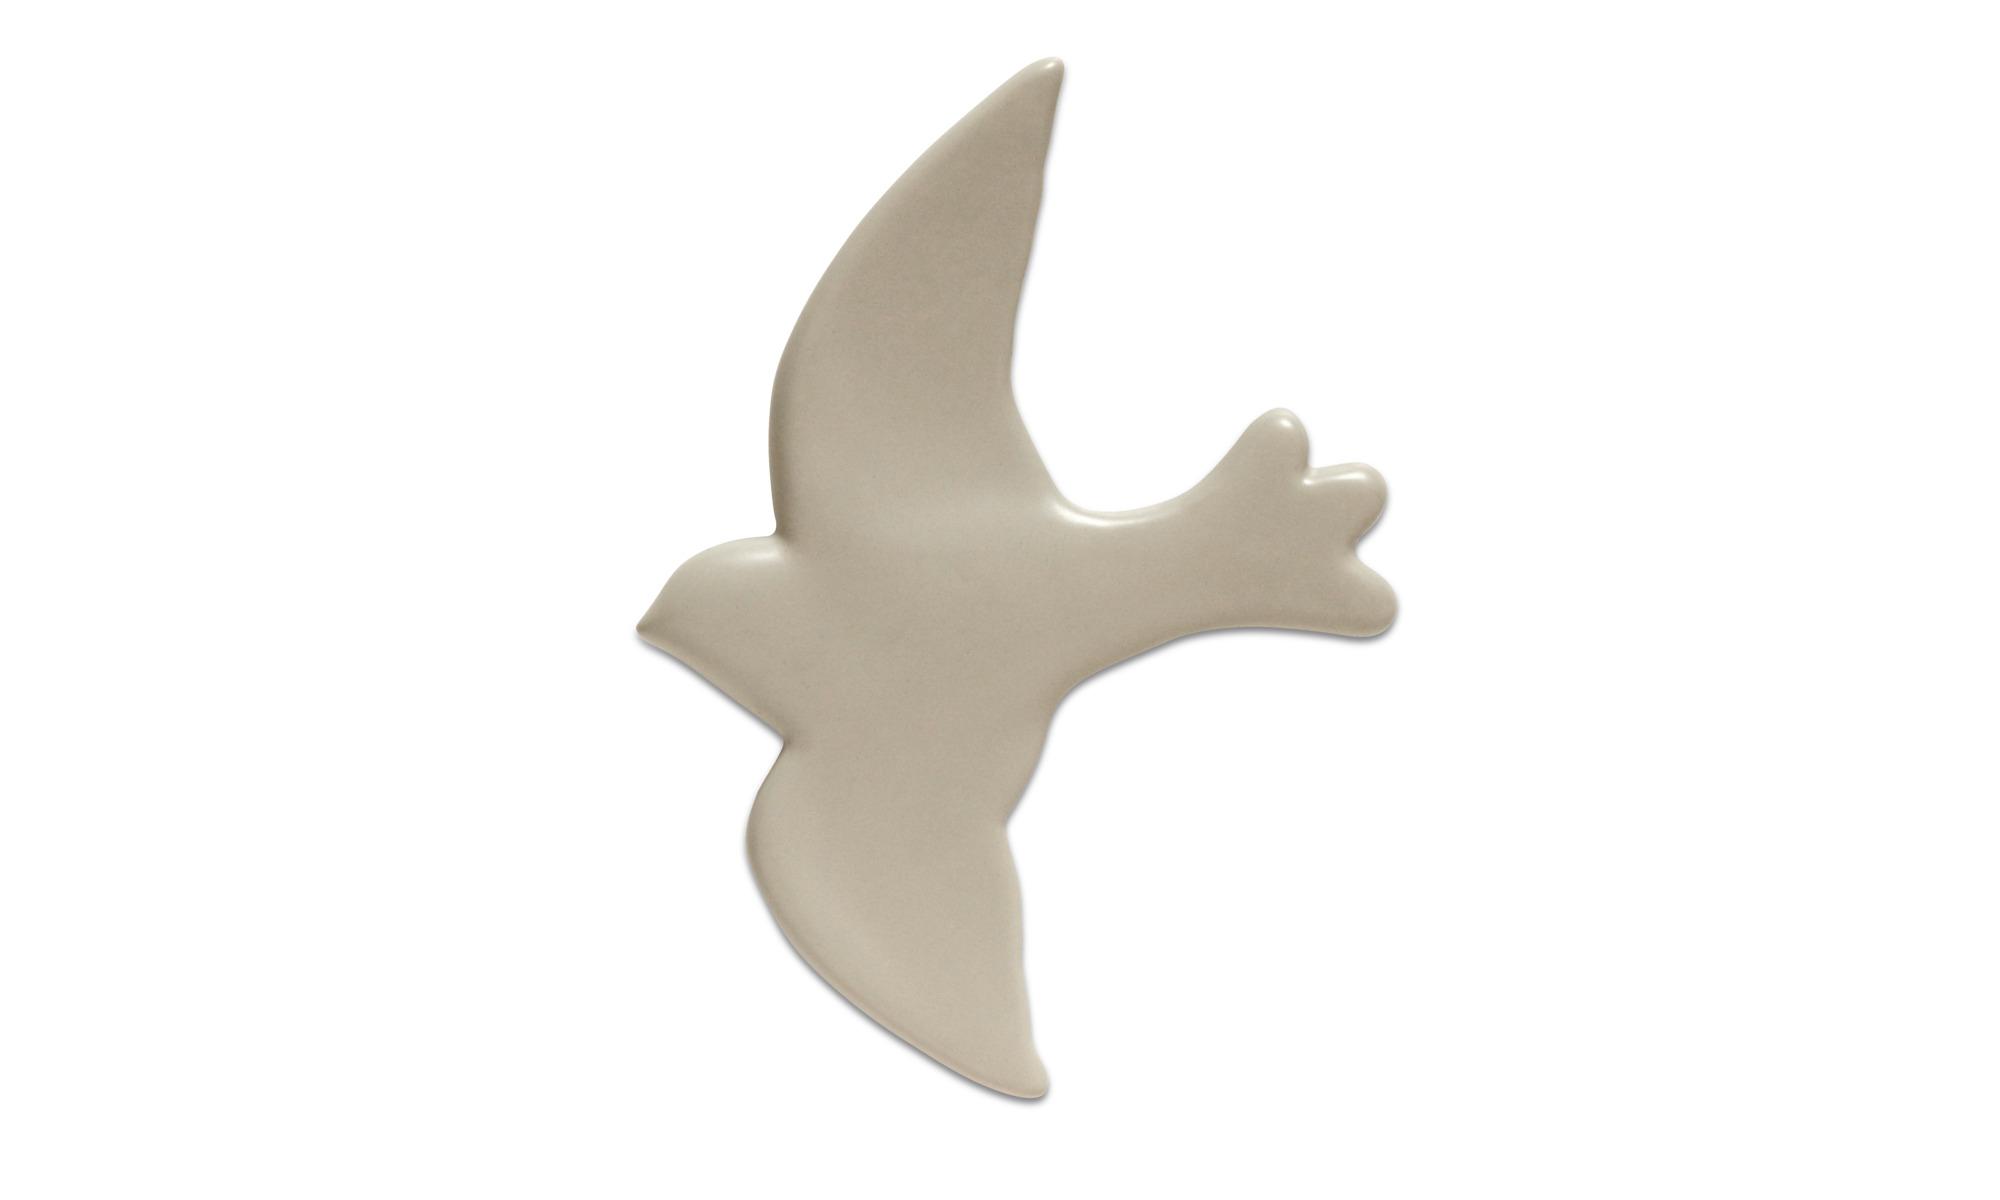 Dekoracja - Dekoracja ścienna Bird - Szary - Ceramika